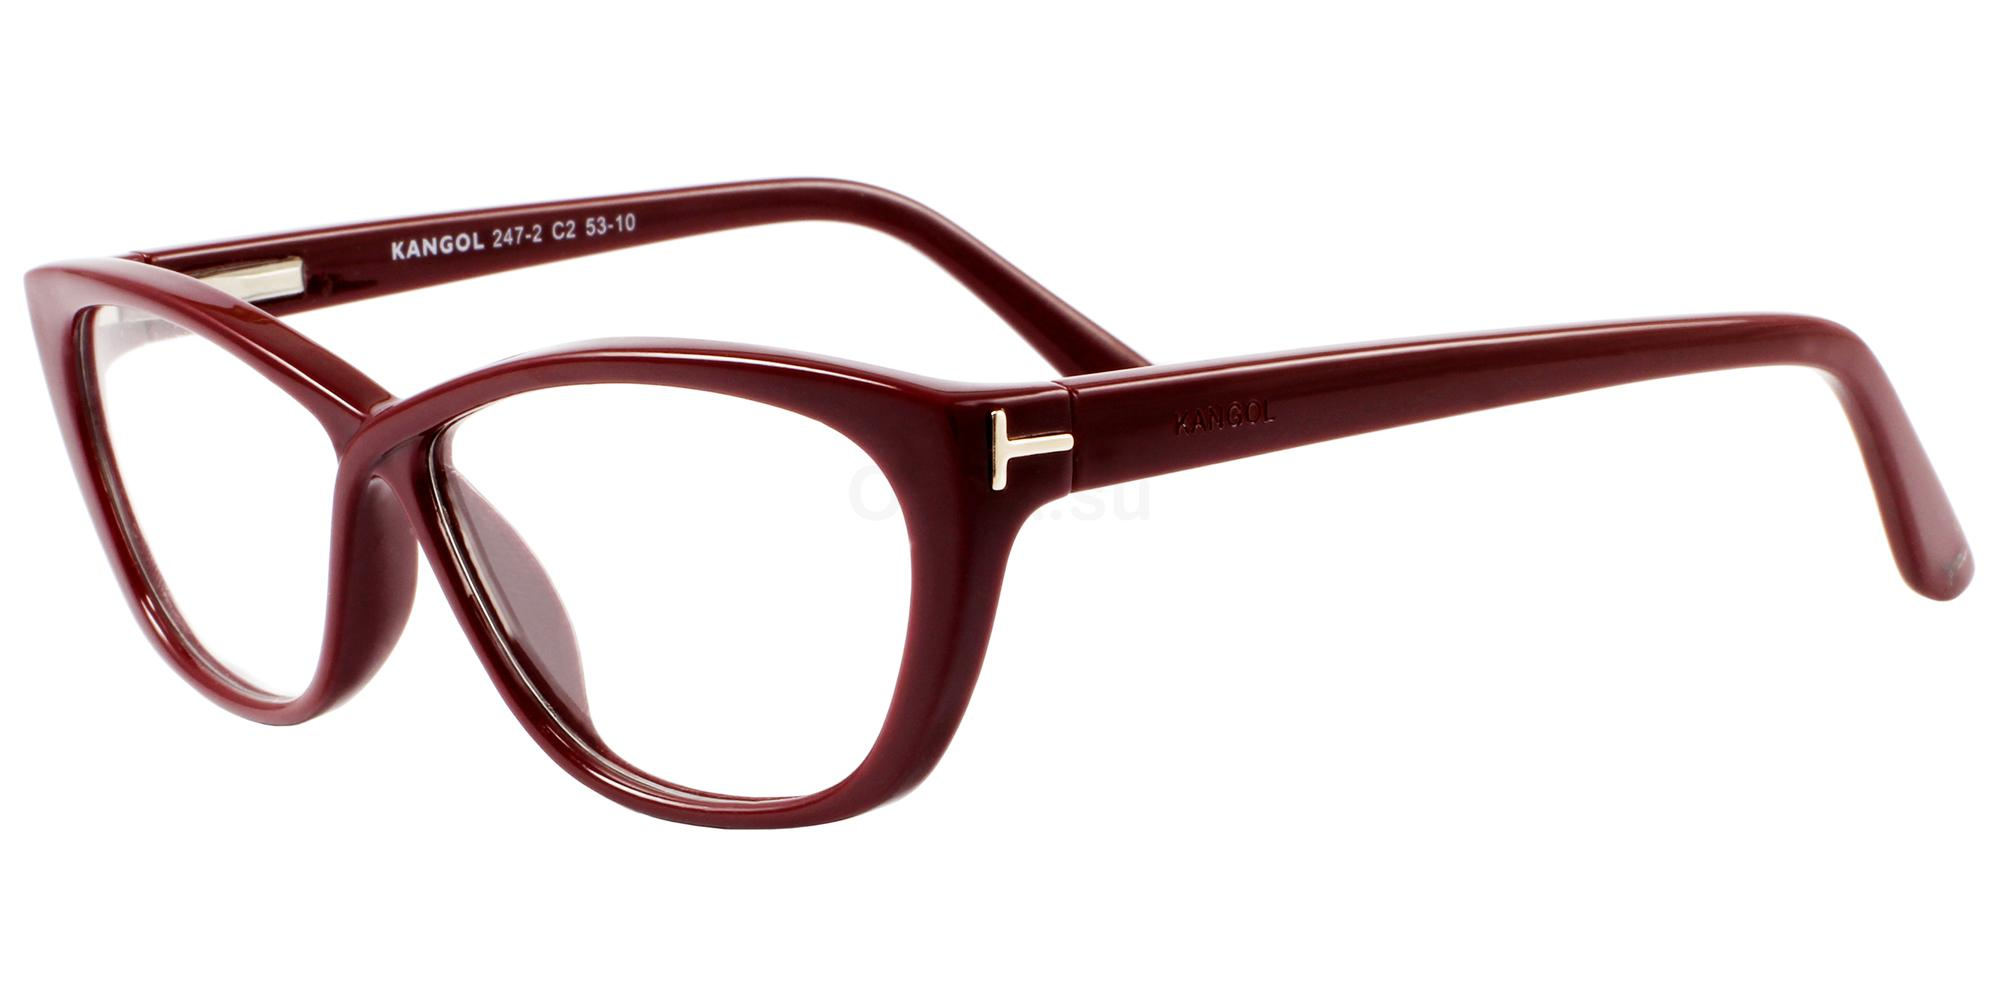 C2 247 Glasses, Kangol